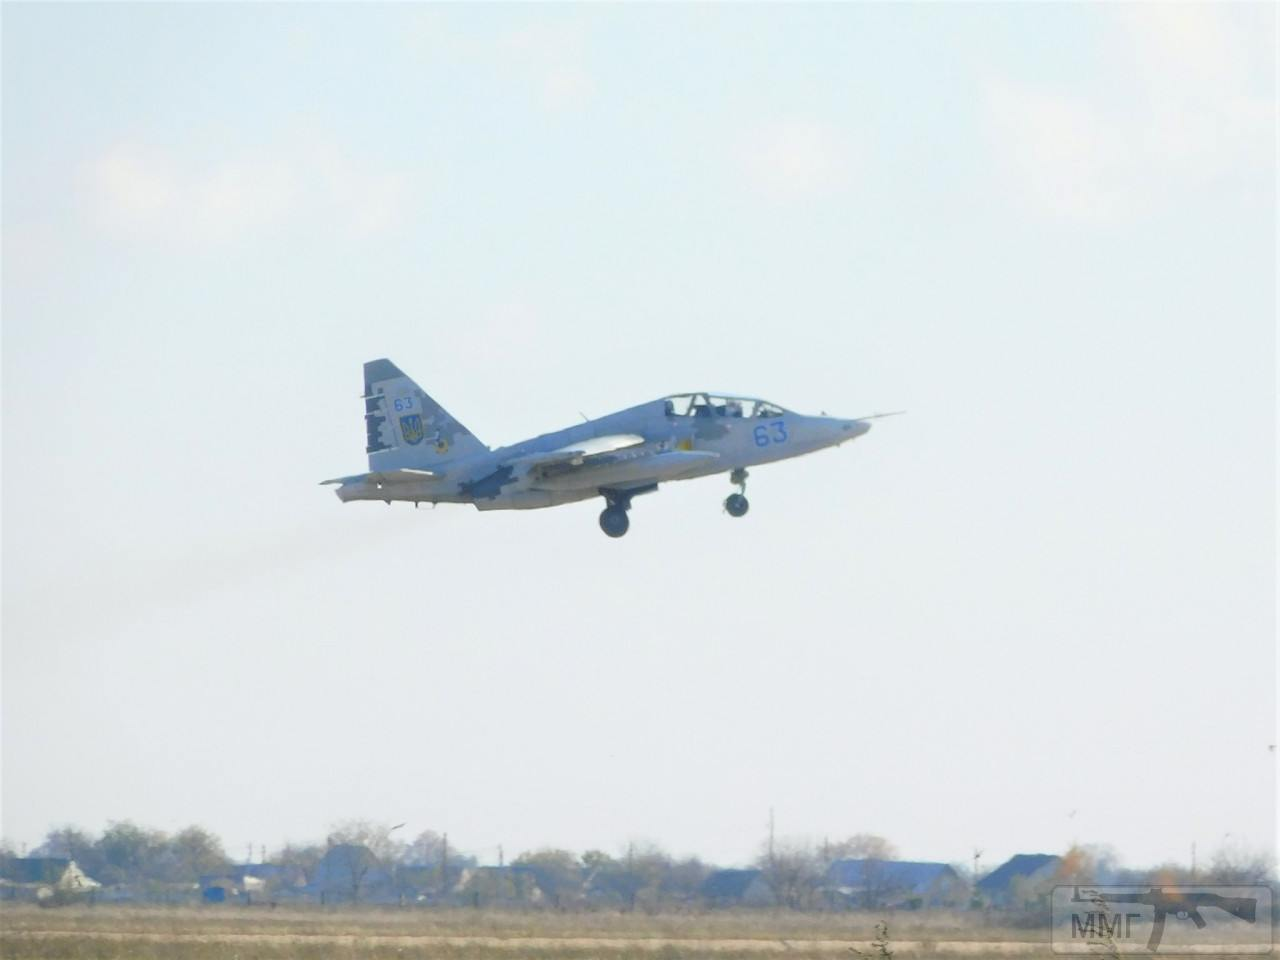 79956 - Воздушные Силы Вооруженных Сил Украины